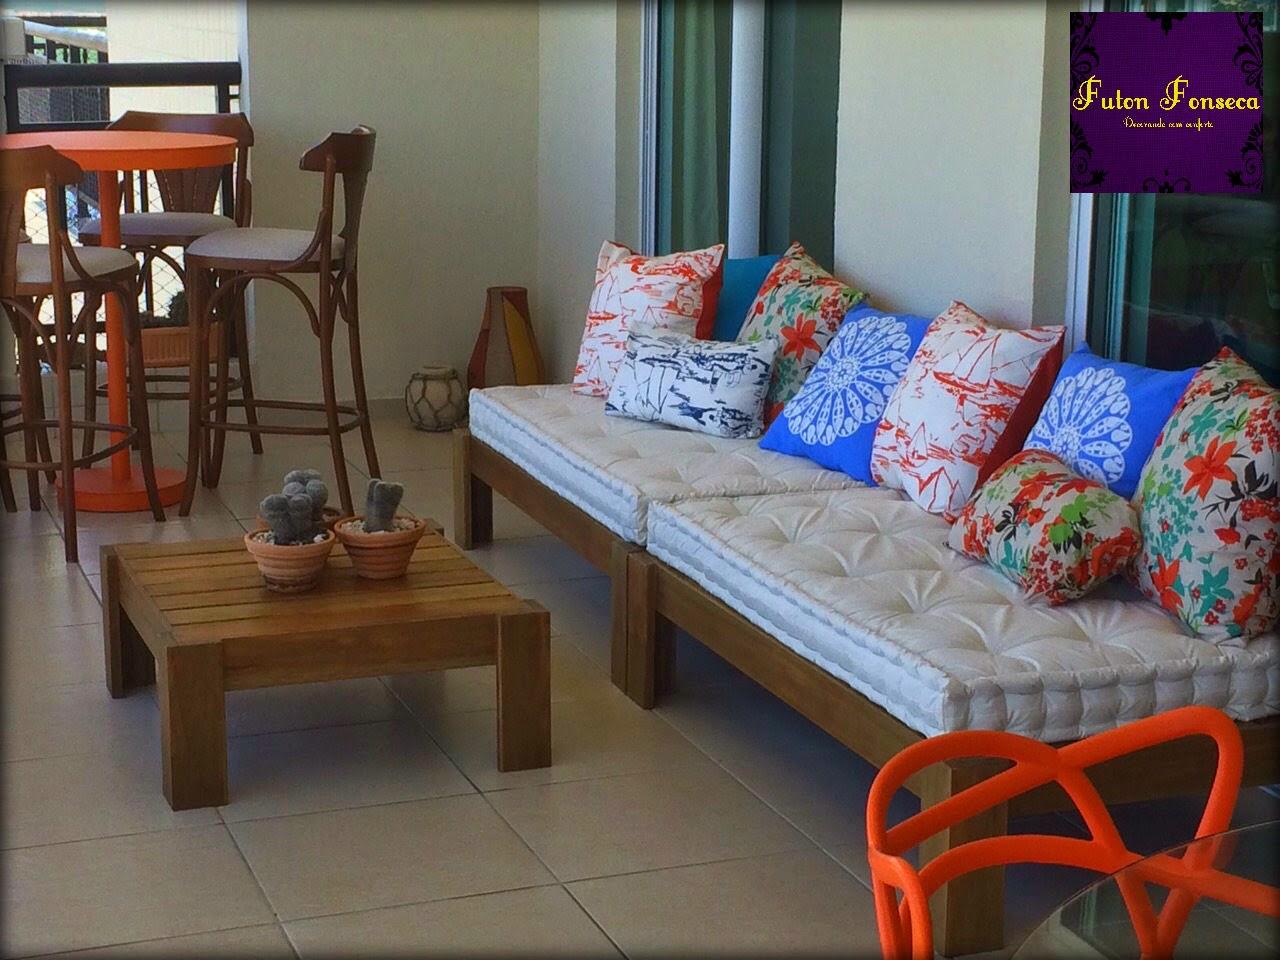 Futons para decorar uma bela varanda Futon Fonseca Decorando com  #BA3211 1280x960